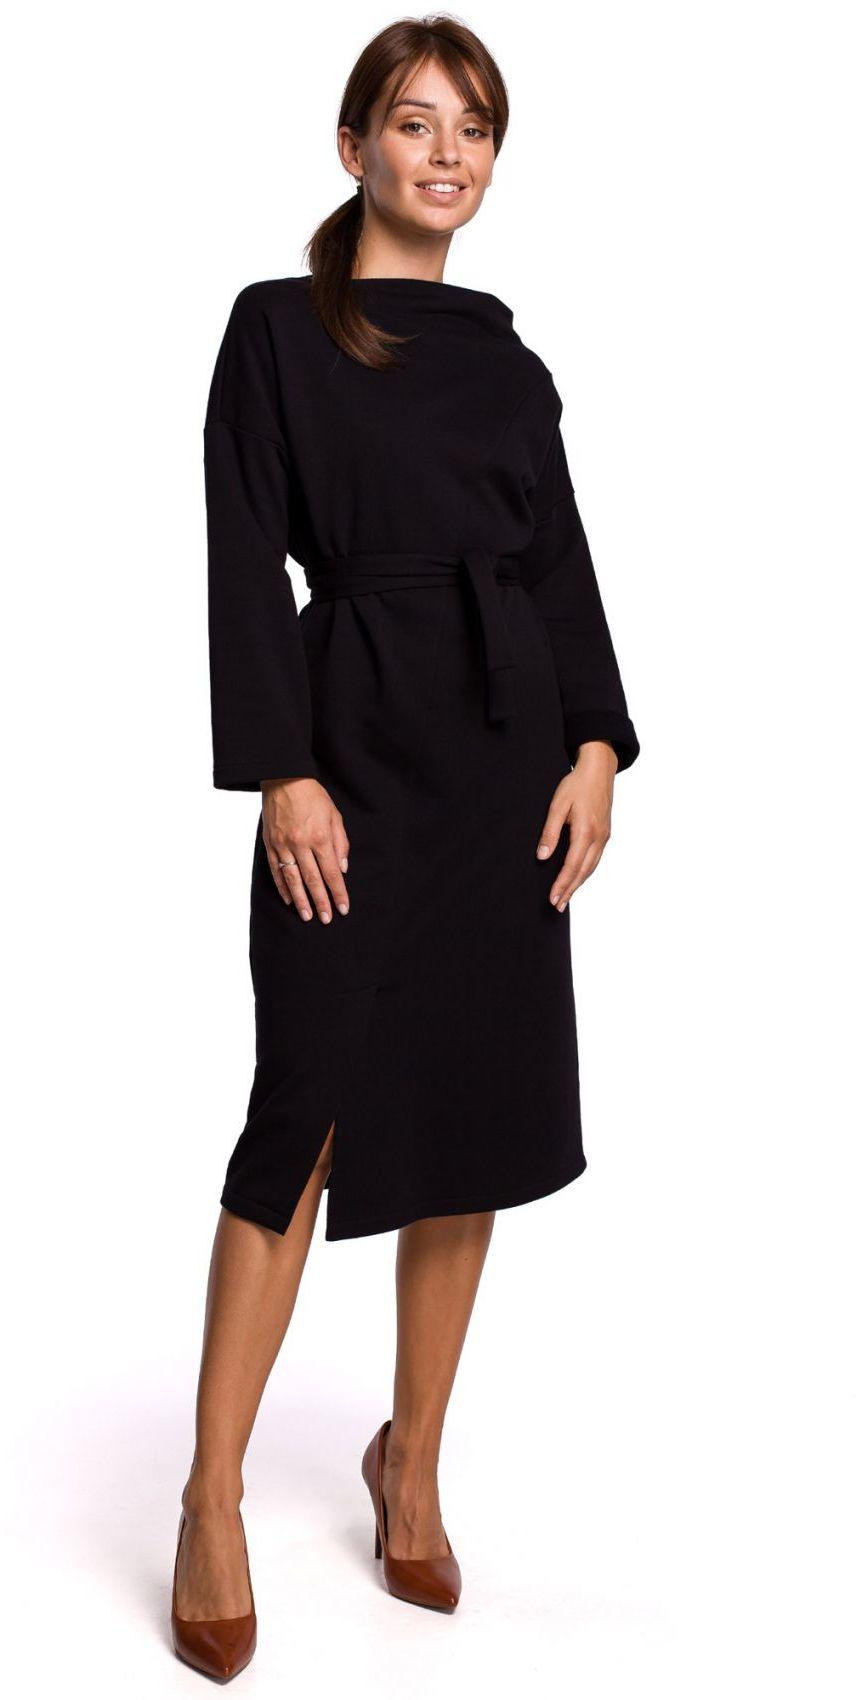 B178 Sukienka z dekoltem asymetrycznym i paskiem - czarna